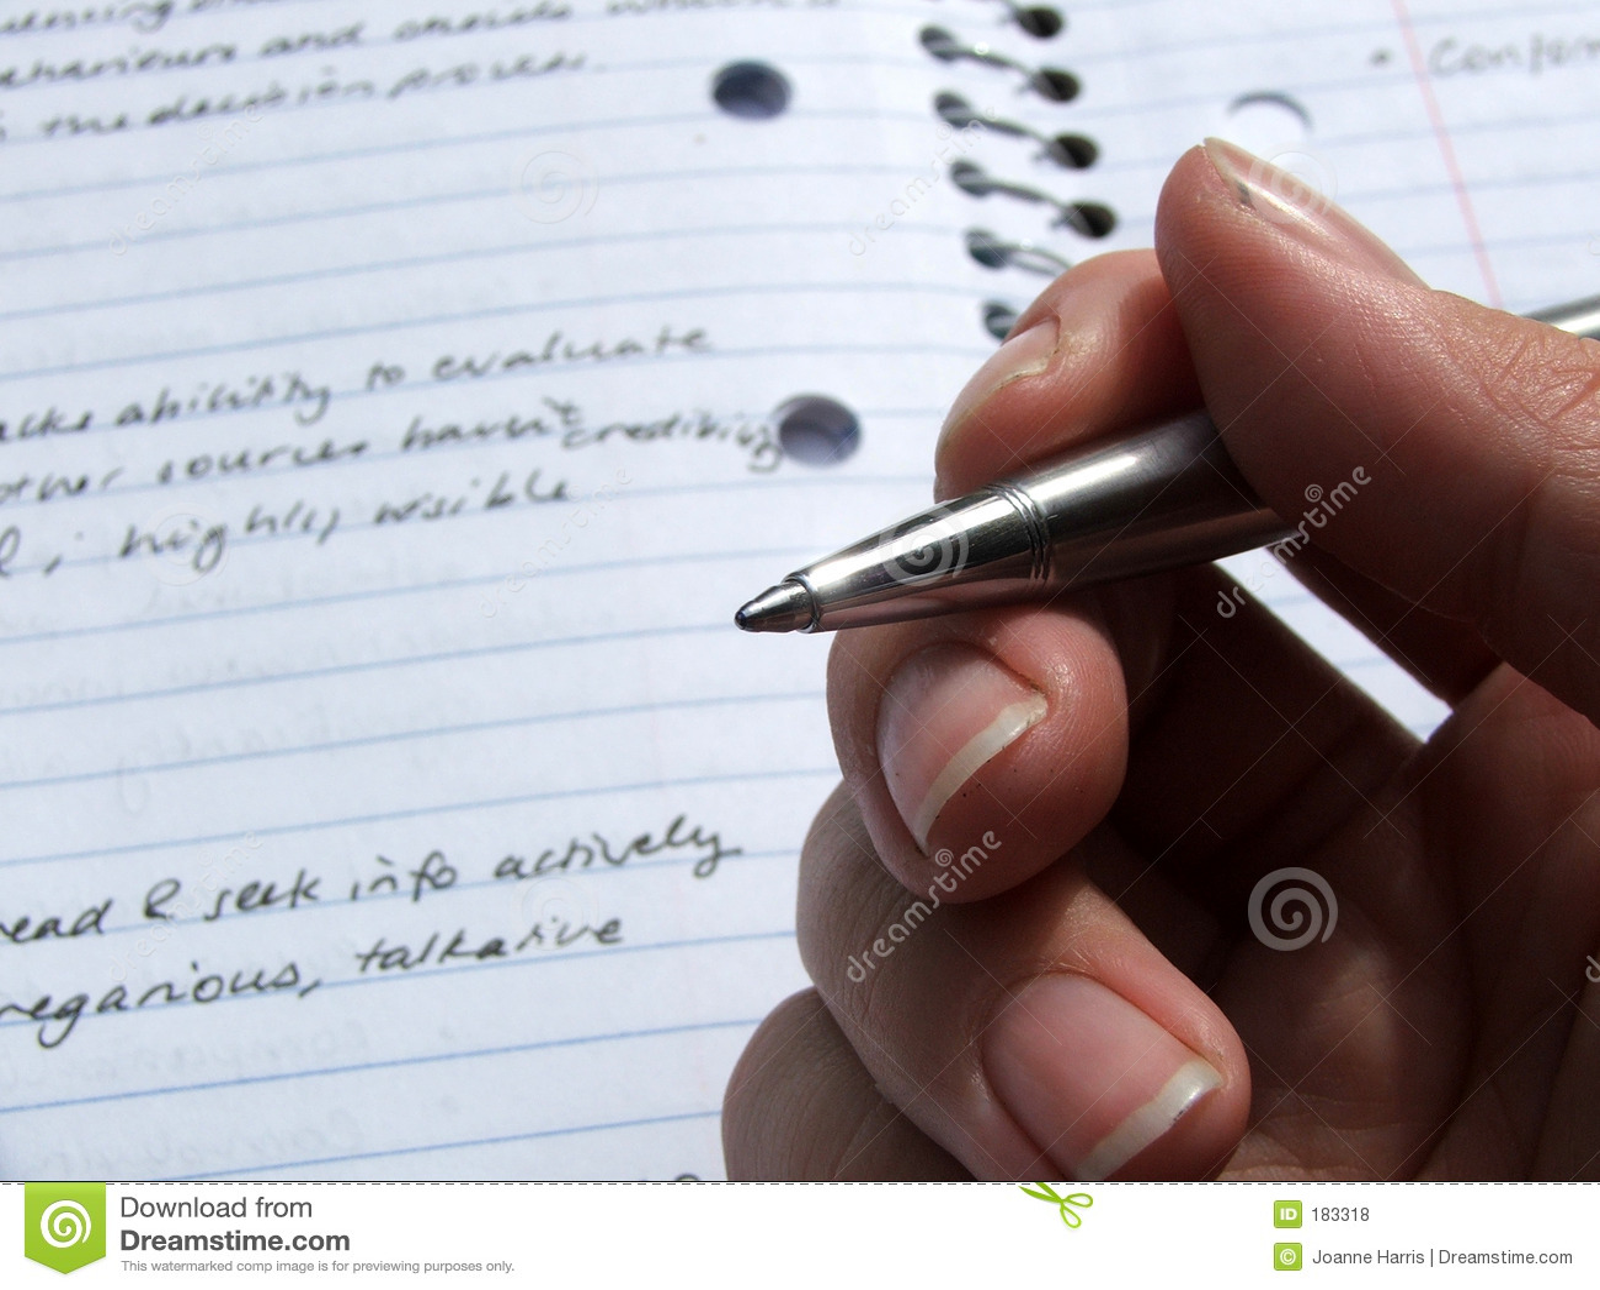 Stationnaire - crayon lecteur jugé disponible